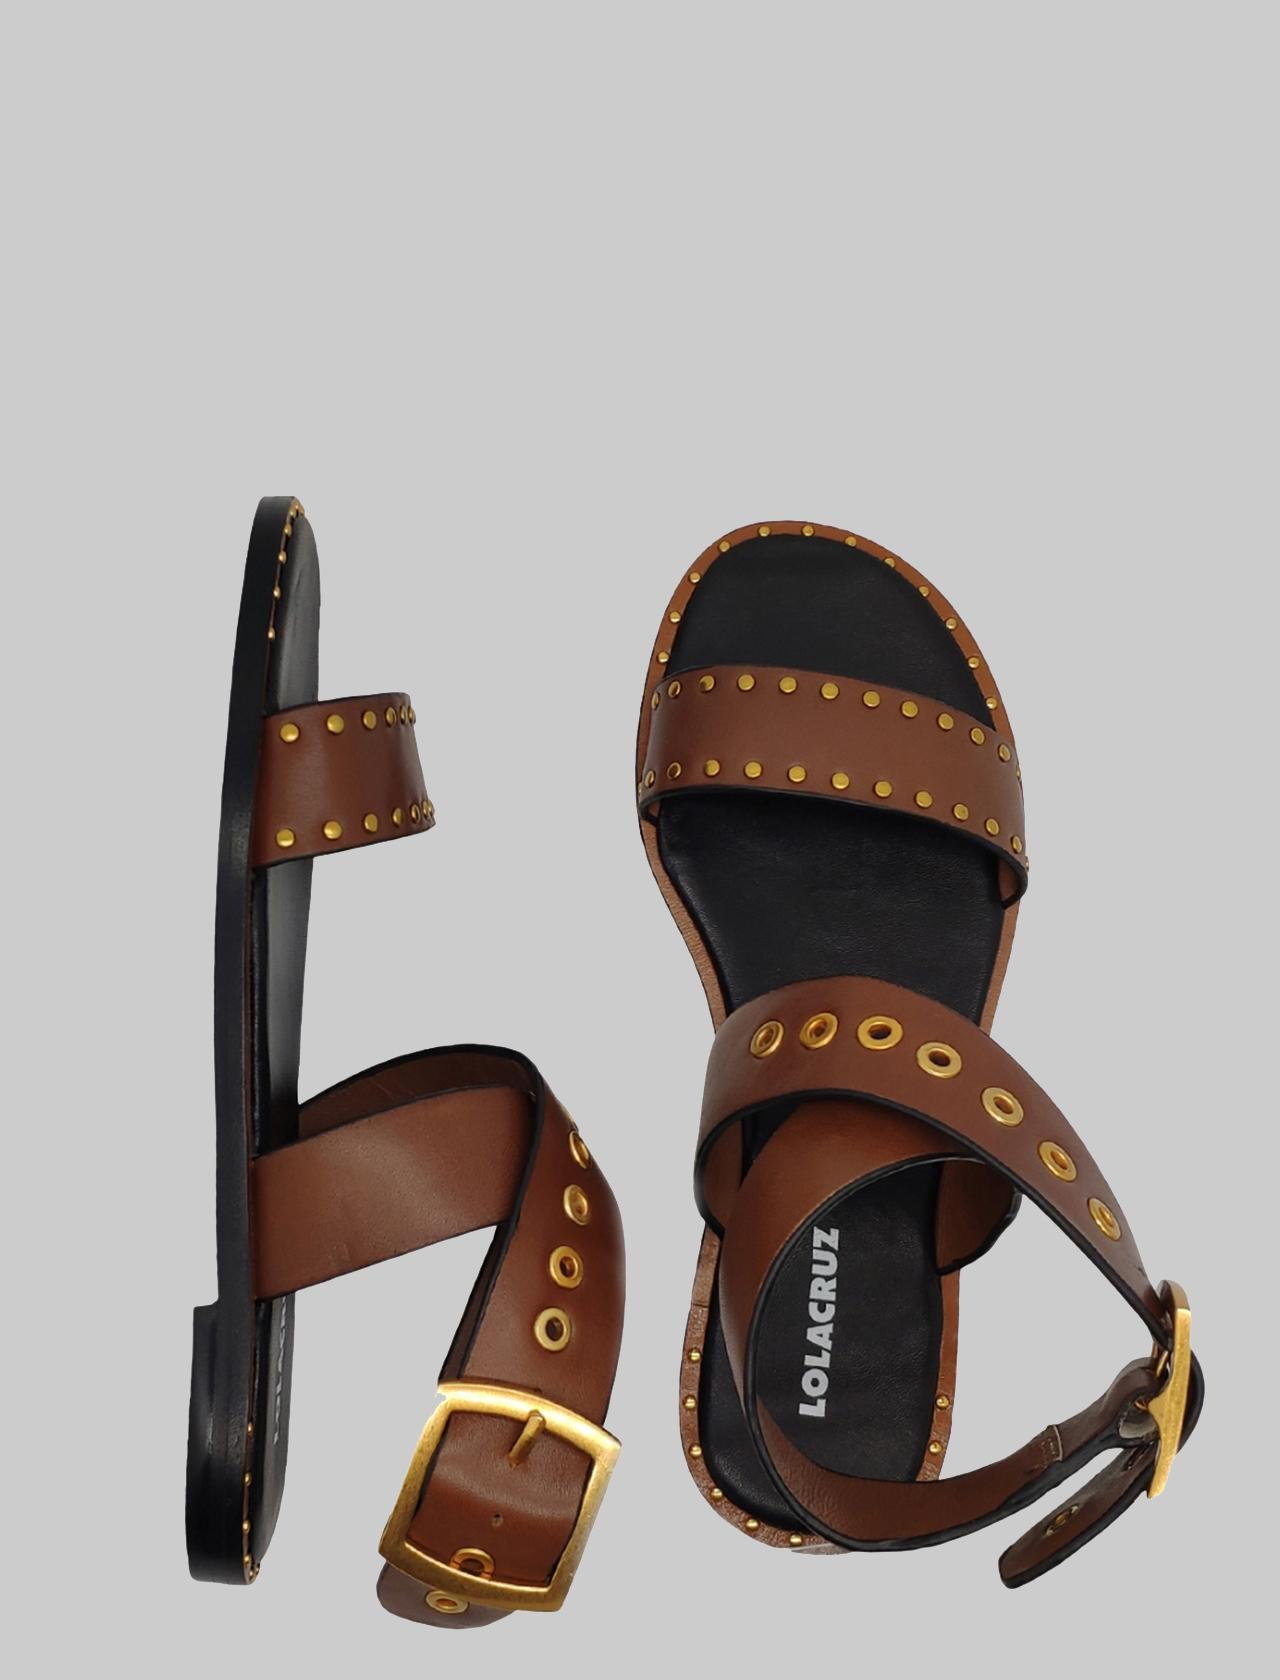 Calzature Donna Sandali Bassi in Pelle Moro con Borchie e Cinturino alla Caviglia Lola Cruz | Sandali Flat | 122Z10BKCUOIO